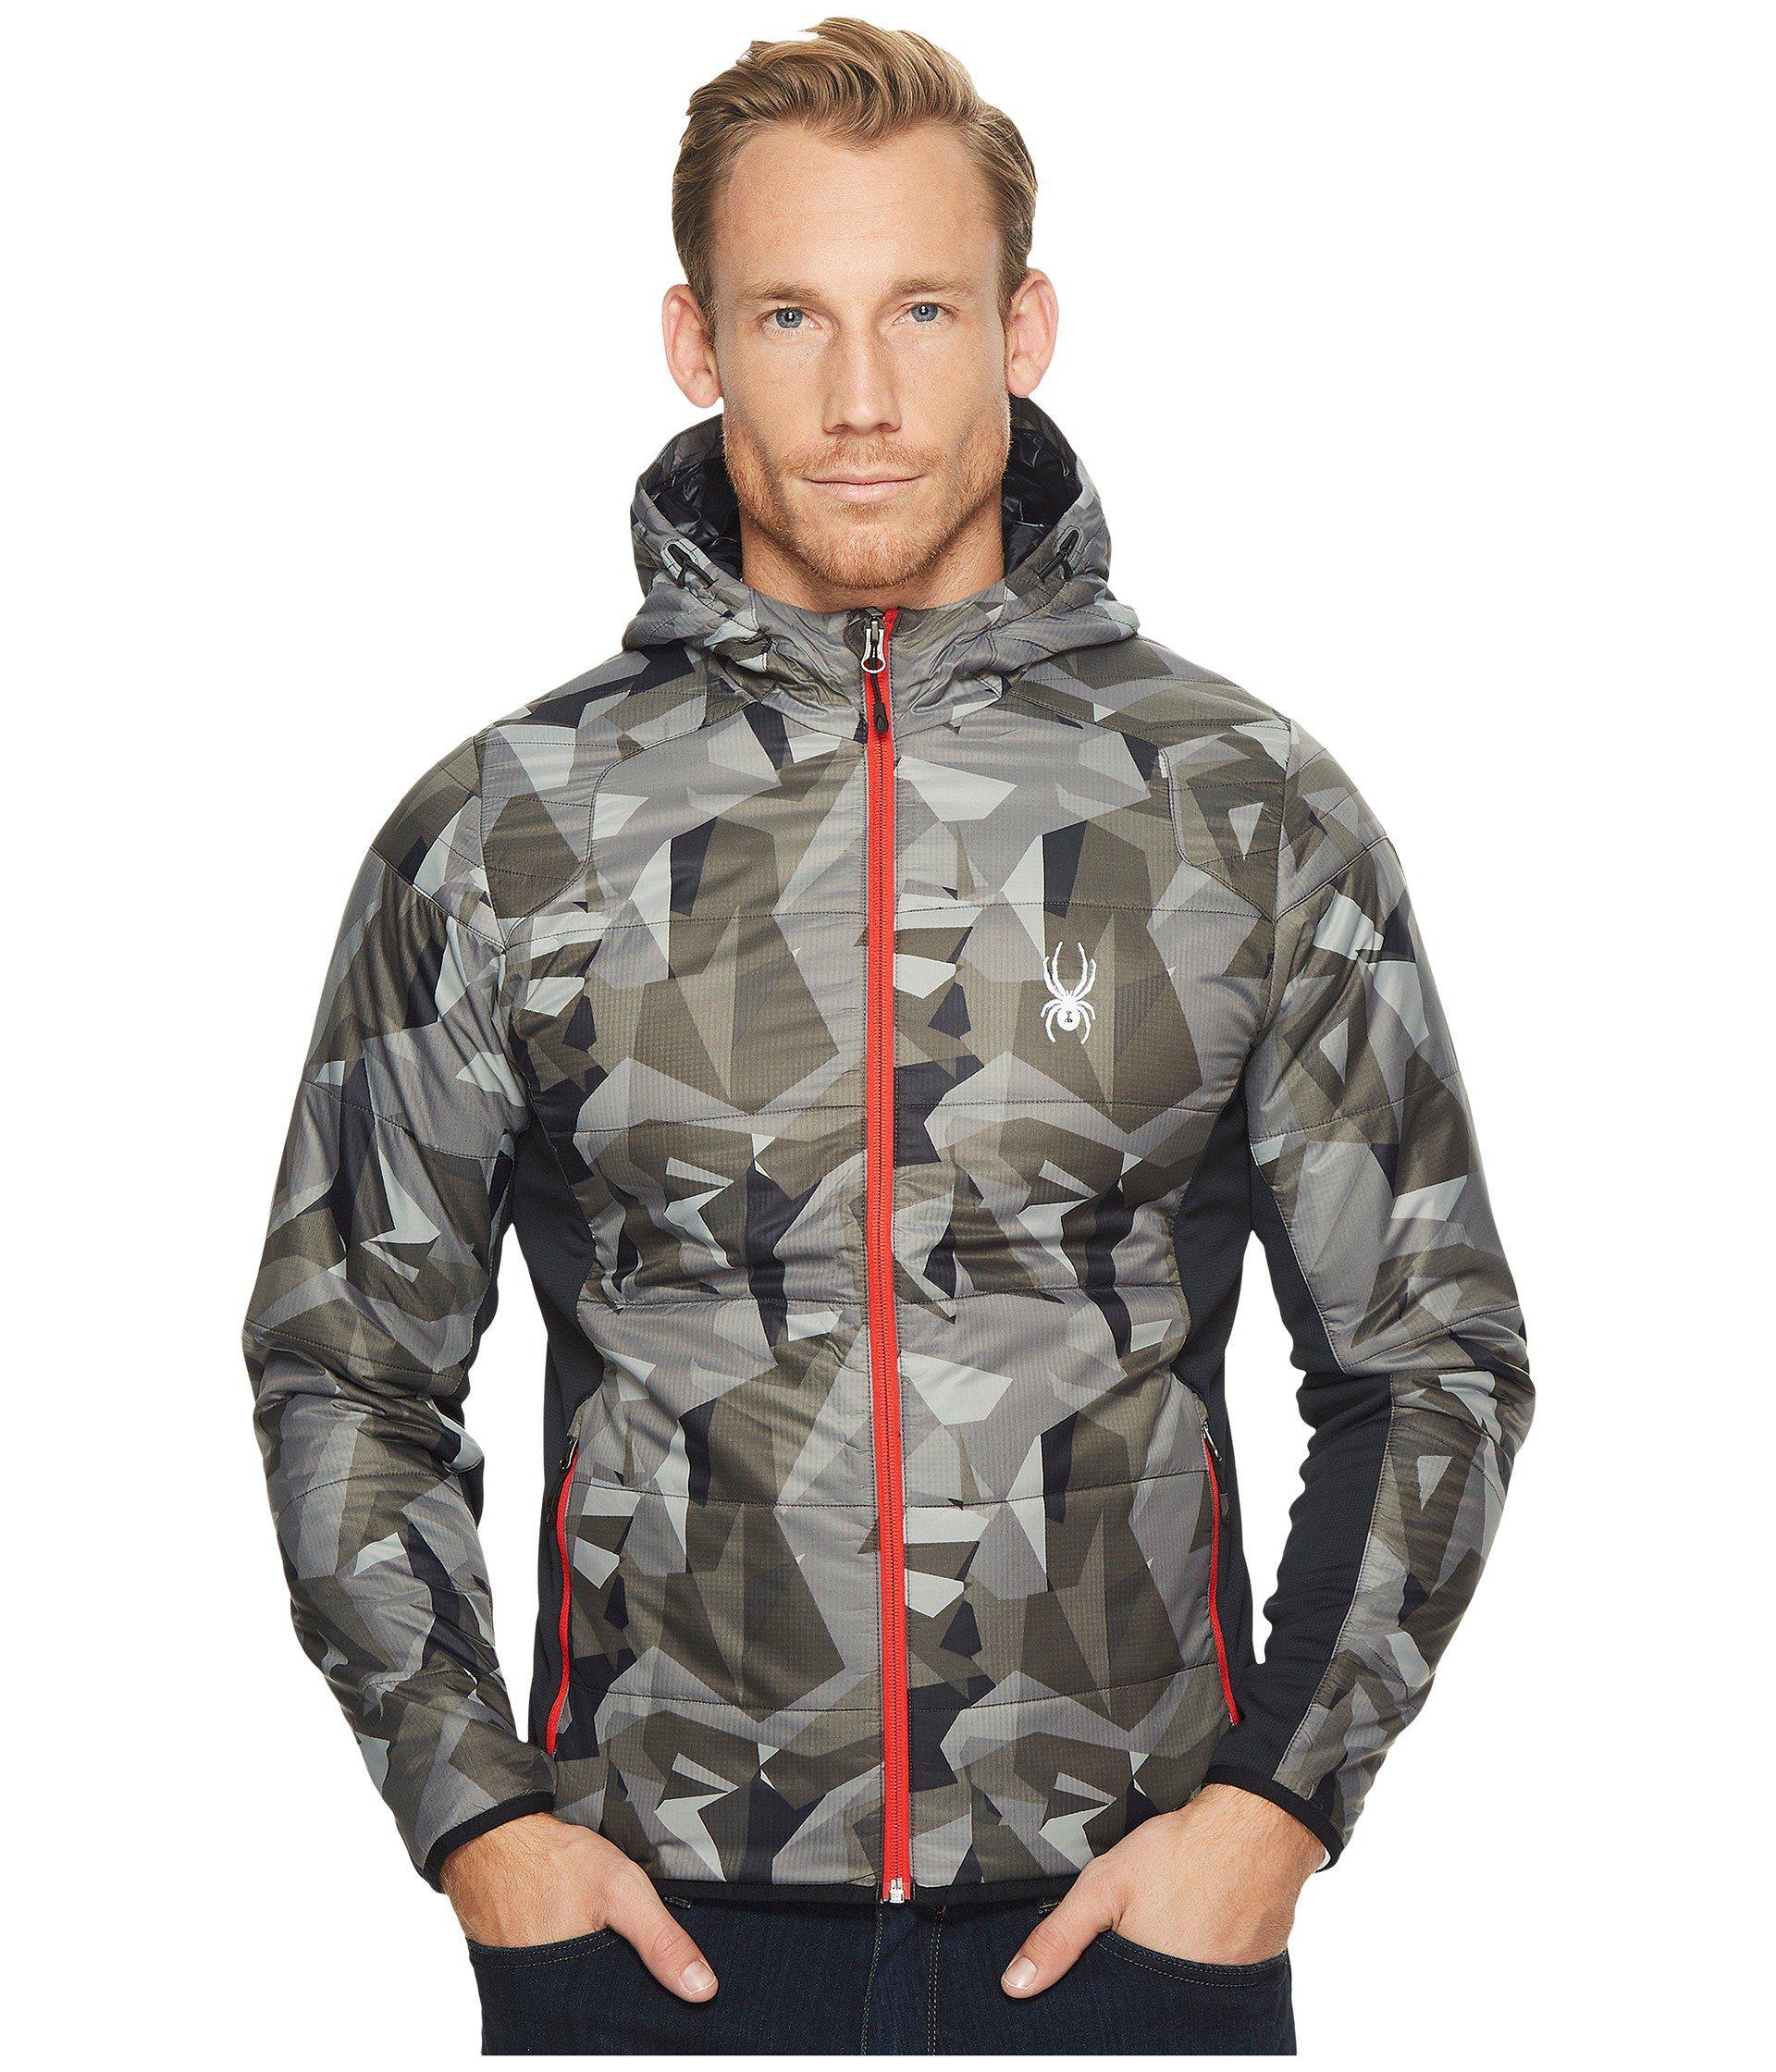 97f5038b2e938 Spyder Glissade Full Zip Hoodie Insulator Jacket in Black for Men - Lyst